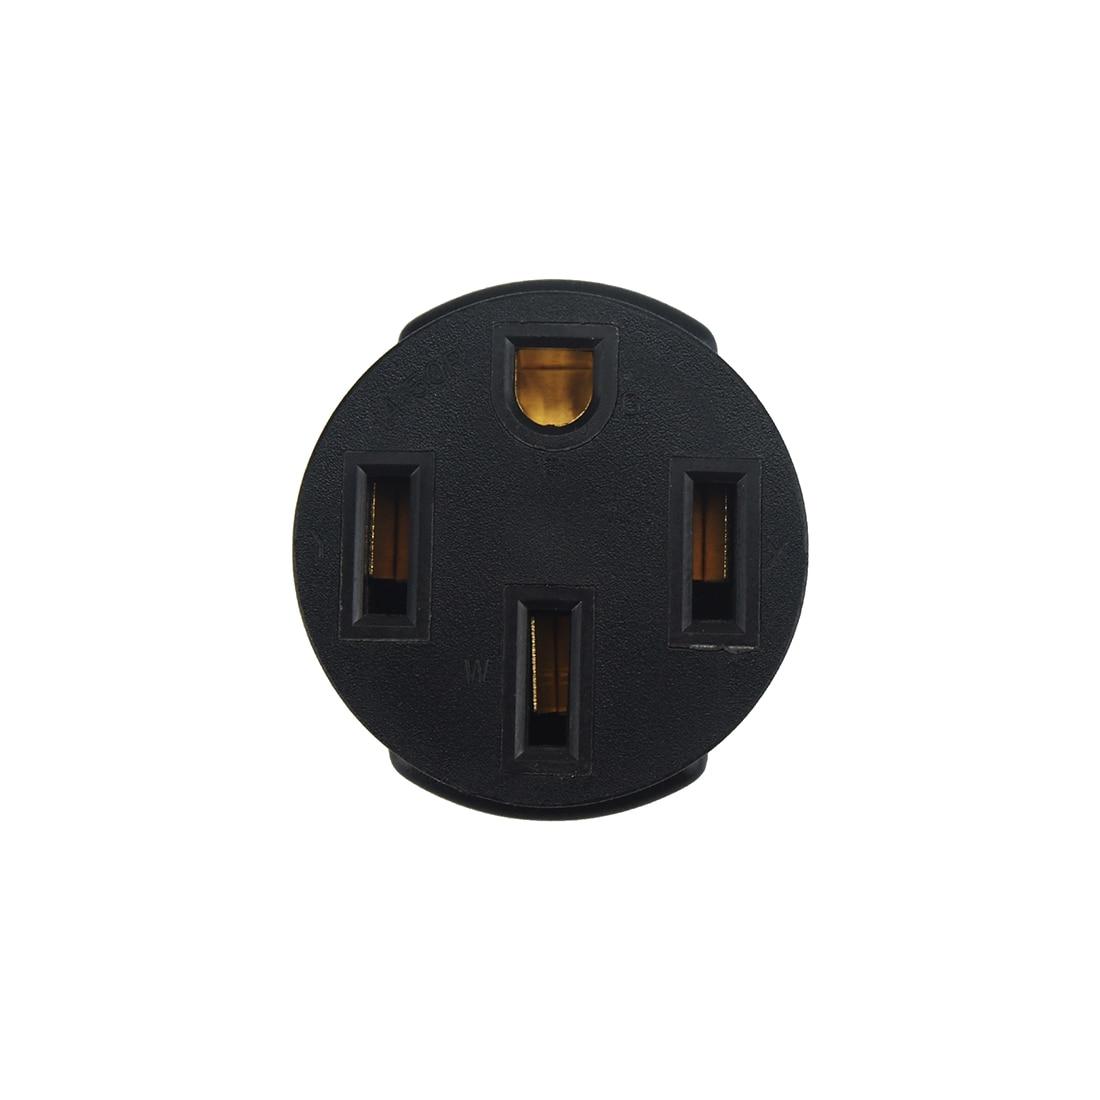 JORINDO [от TT-30P до 14-50R] Plugrand EV адаптер NEMA TT-30P до 14-50R адаптер TT-30 Папа 30 Ампер до 14-50 Ампер Женский адаптер питания